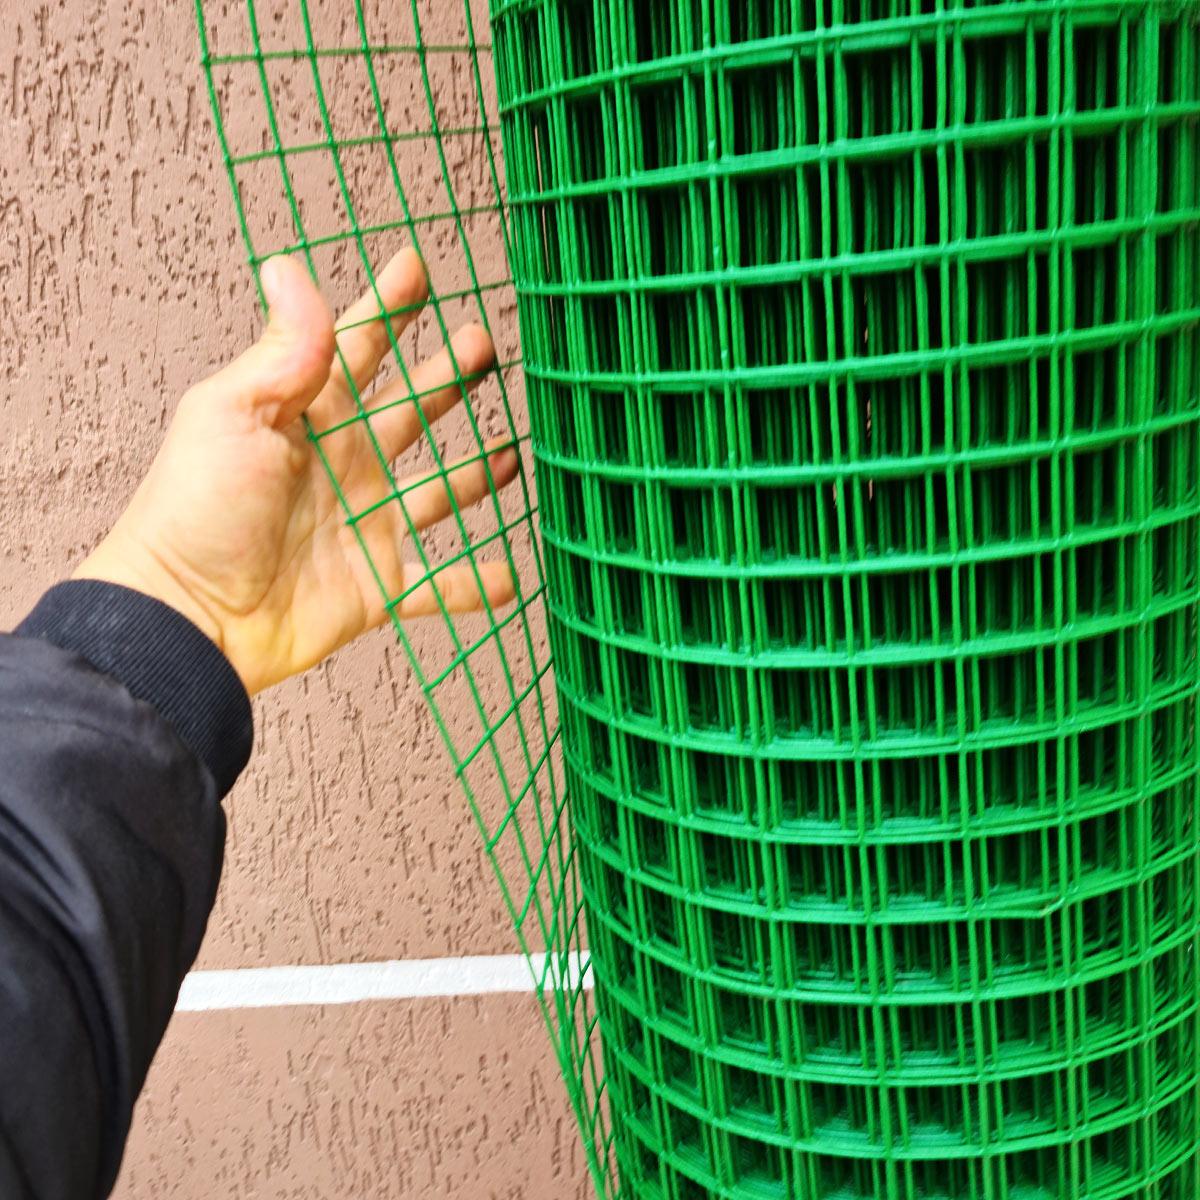 Tela Revestida PVC Alambrado cerca malha 3x3 2.2 mm  1,80 Altura 18M de comprimento